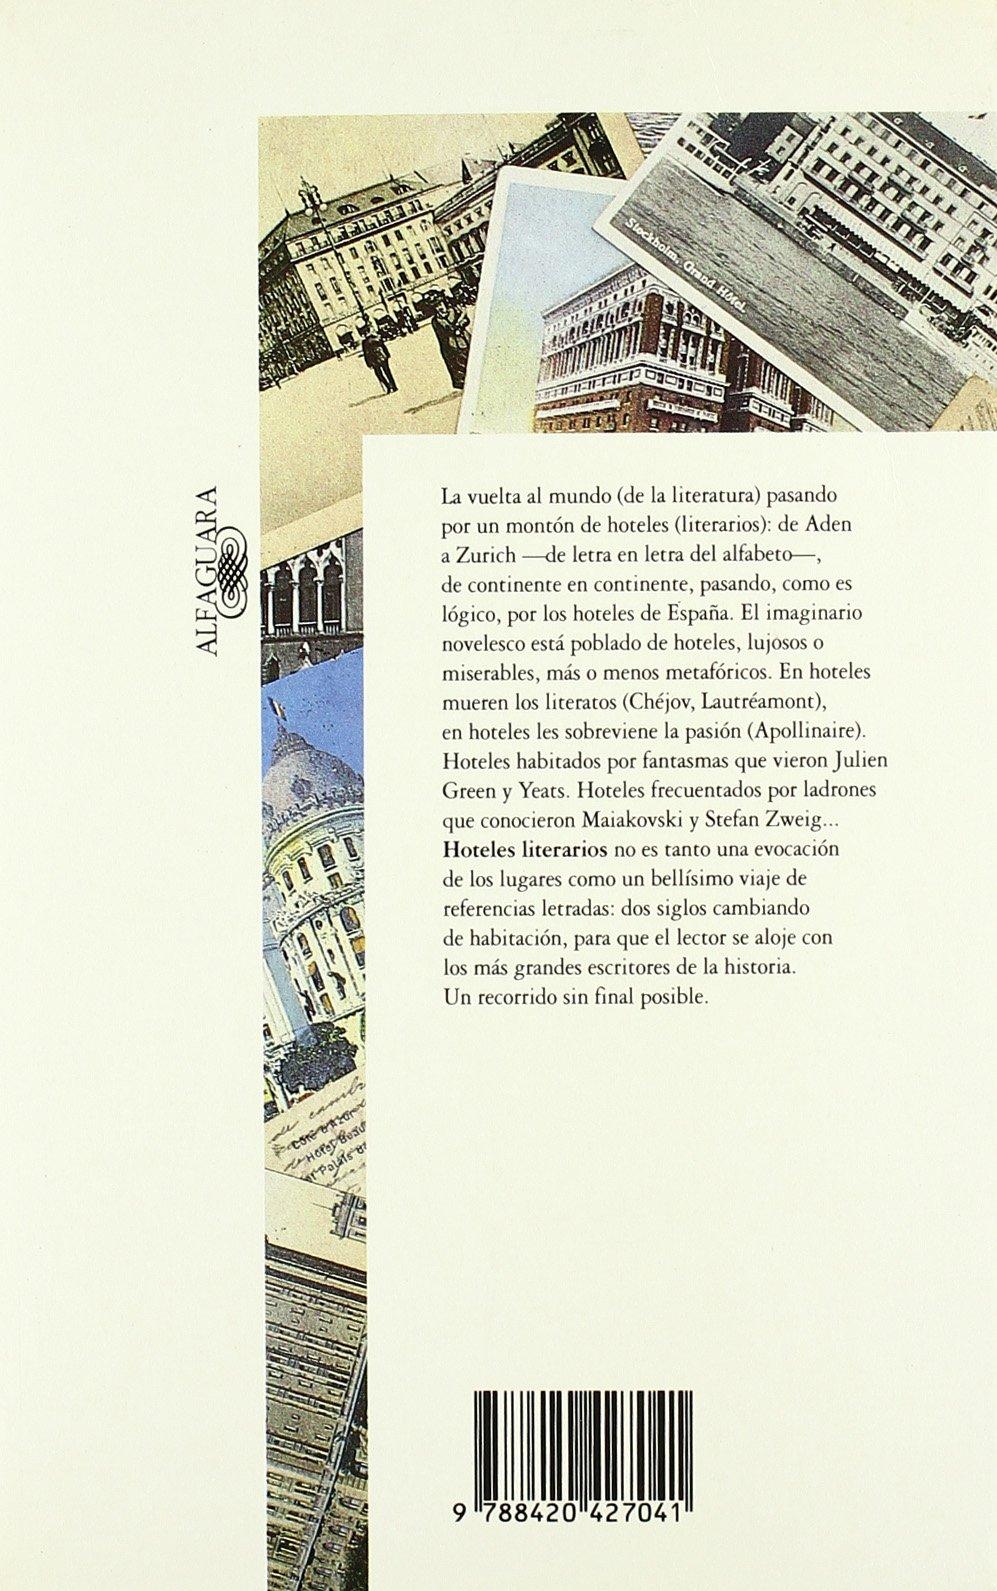 Libros clásicos de geografía y viajes (índice en el primer post) - Página 2 81DRRmLF78L